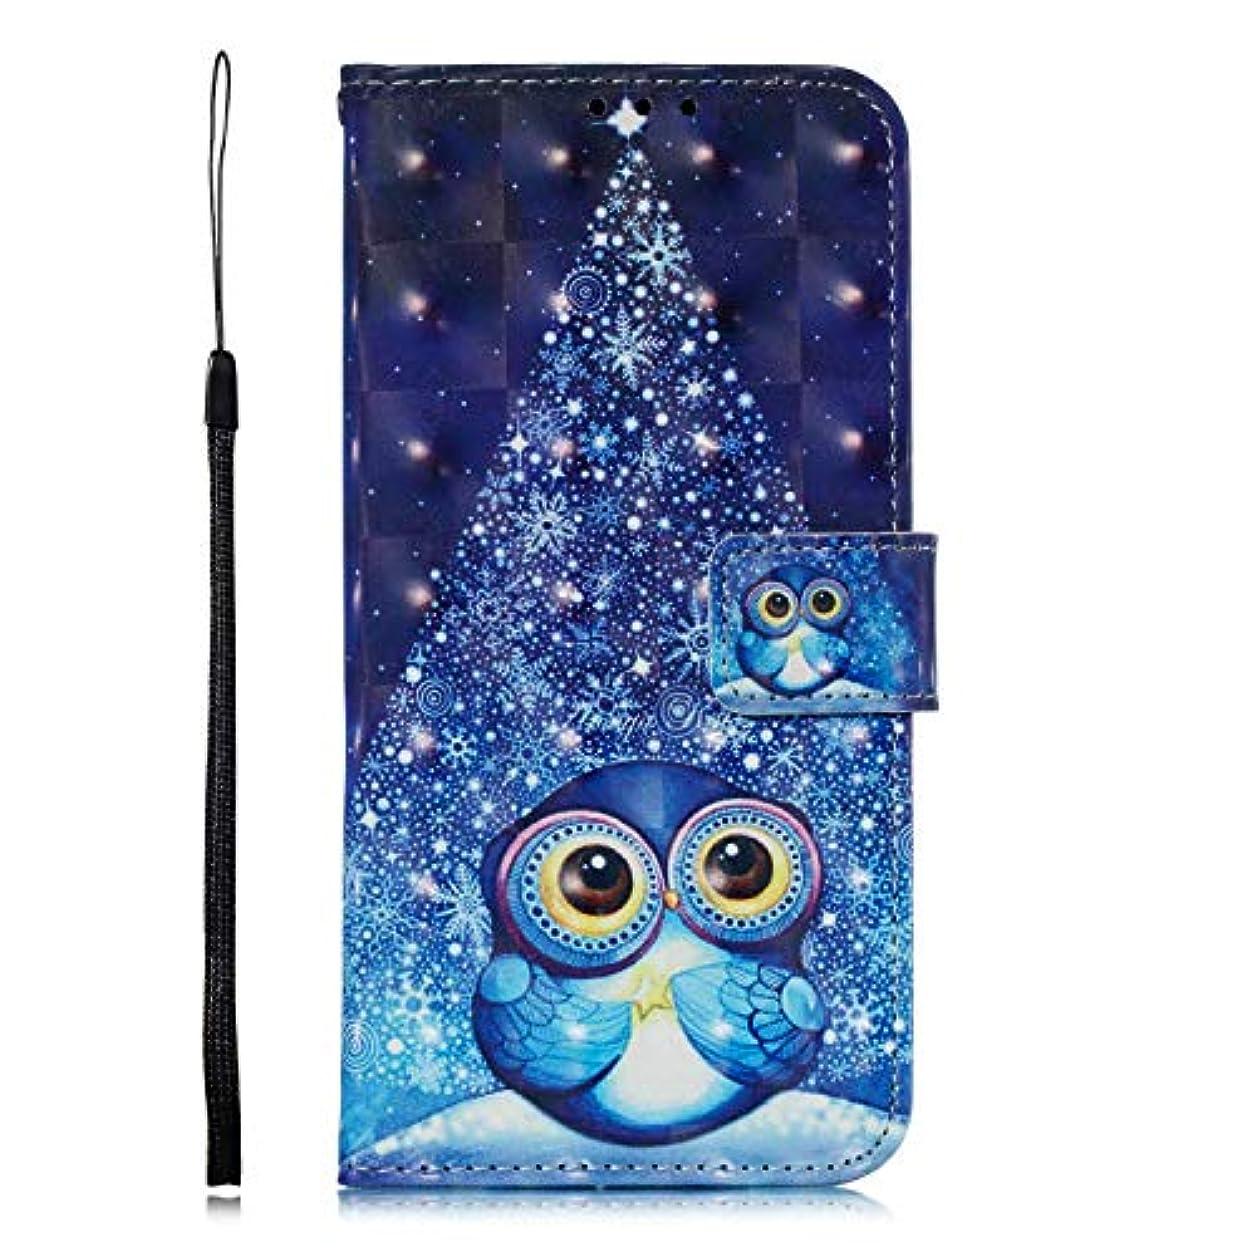 未使用ぼろ説教OMATENTI Galaxy J6 Plus 2018 ケース, ファッション良質 PU レザー 財布型 ケース 薄型 人気 新製品 衝撃吸収 全面保護 スマホケース, 付きスタンド機能, カードホルダー機能 ストラップ付き Galaxy J6 Plus 2018 用 Case Cover, 鳥